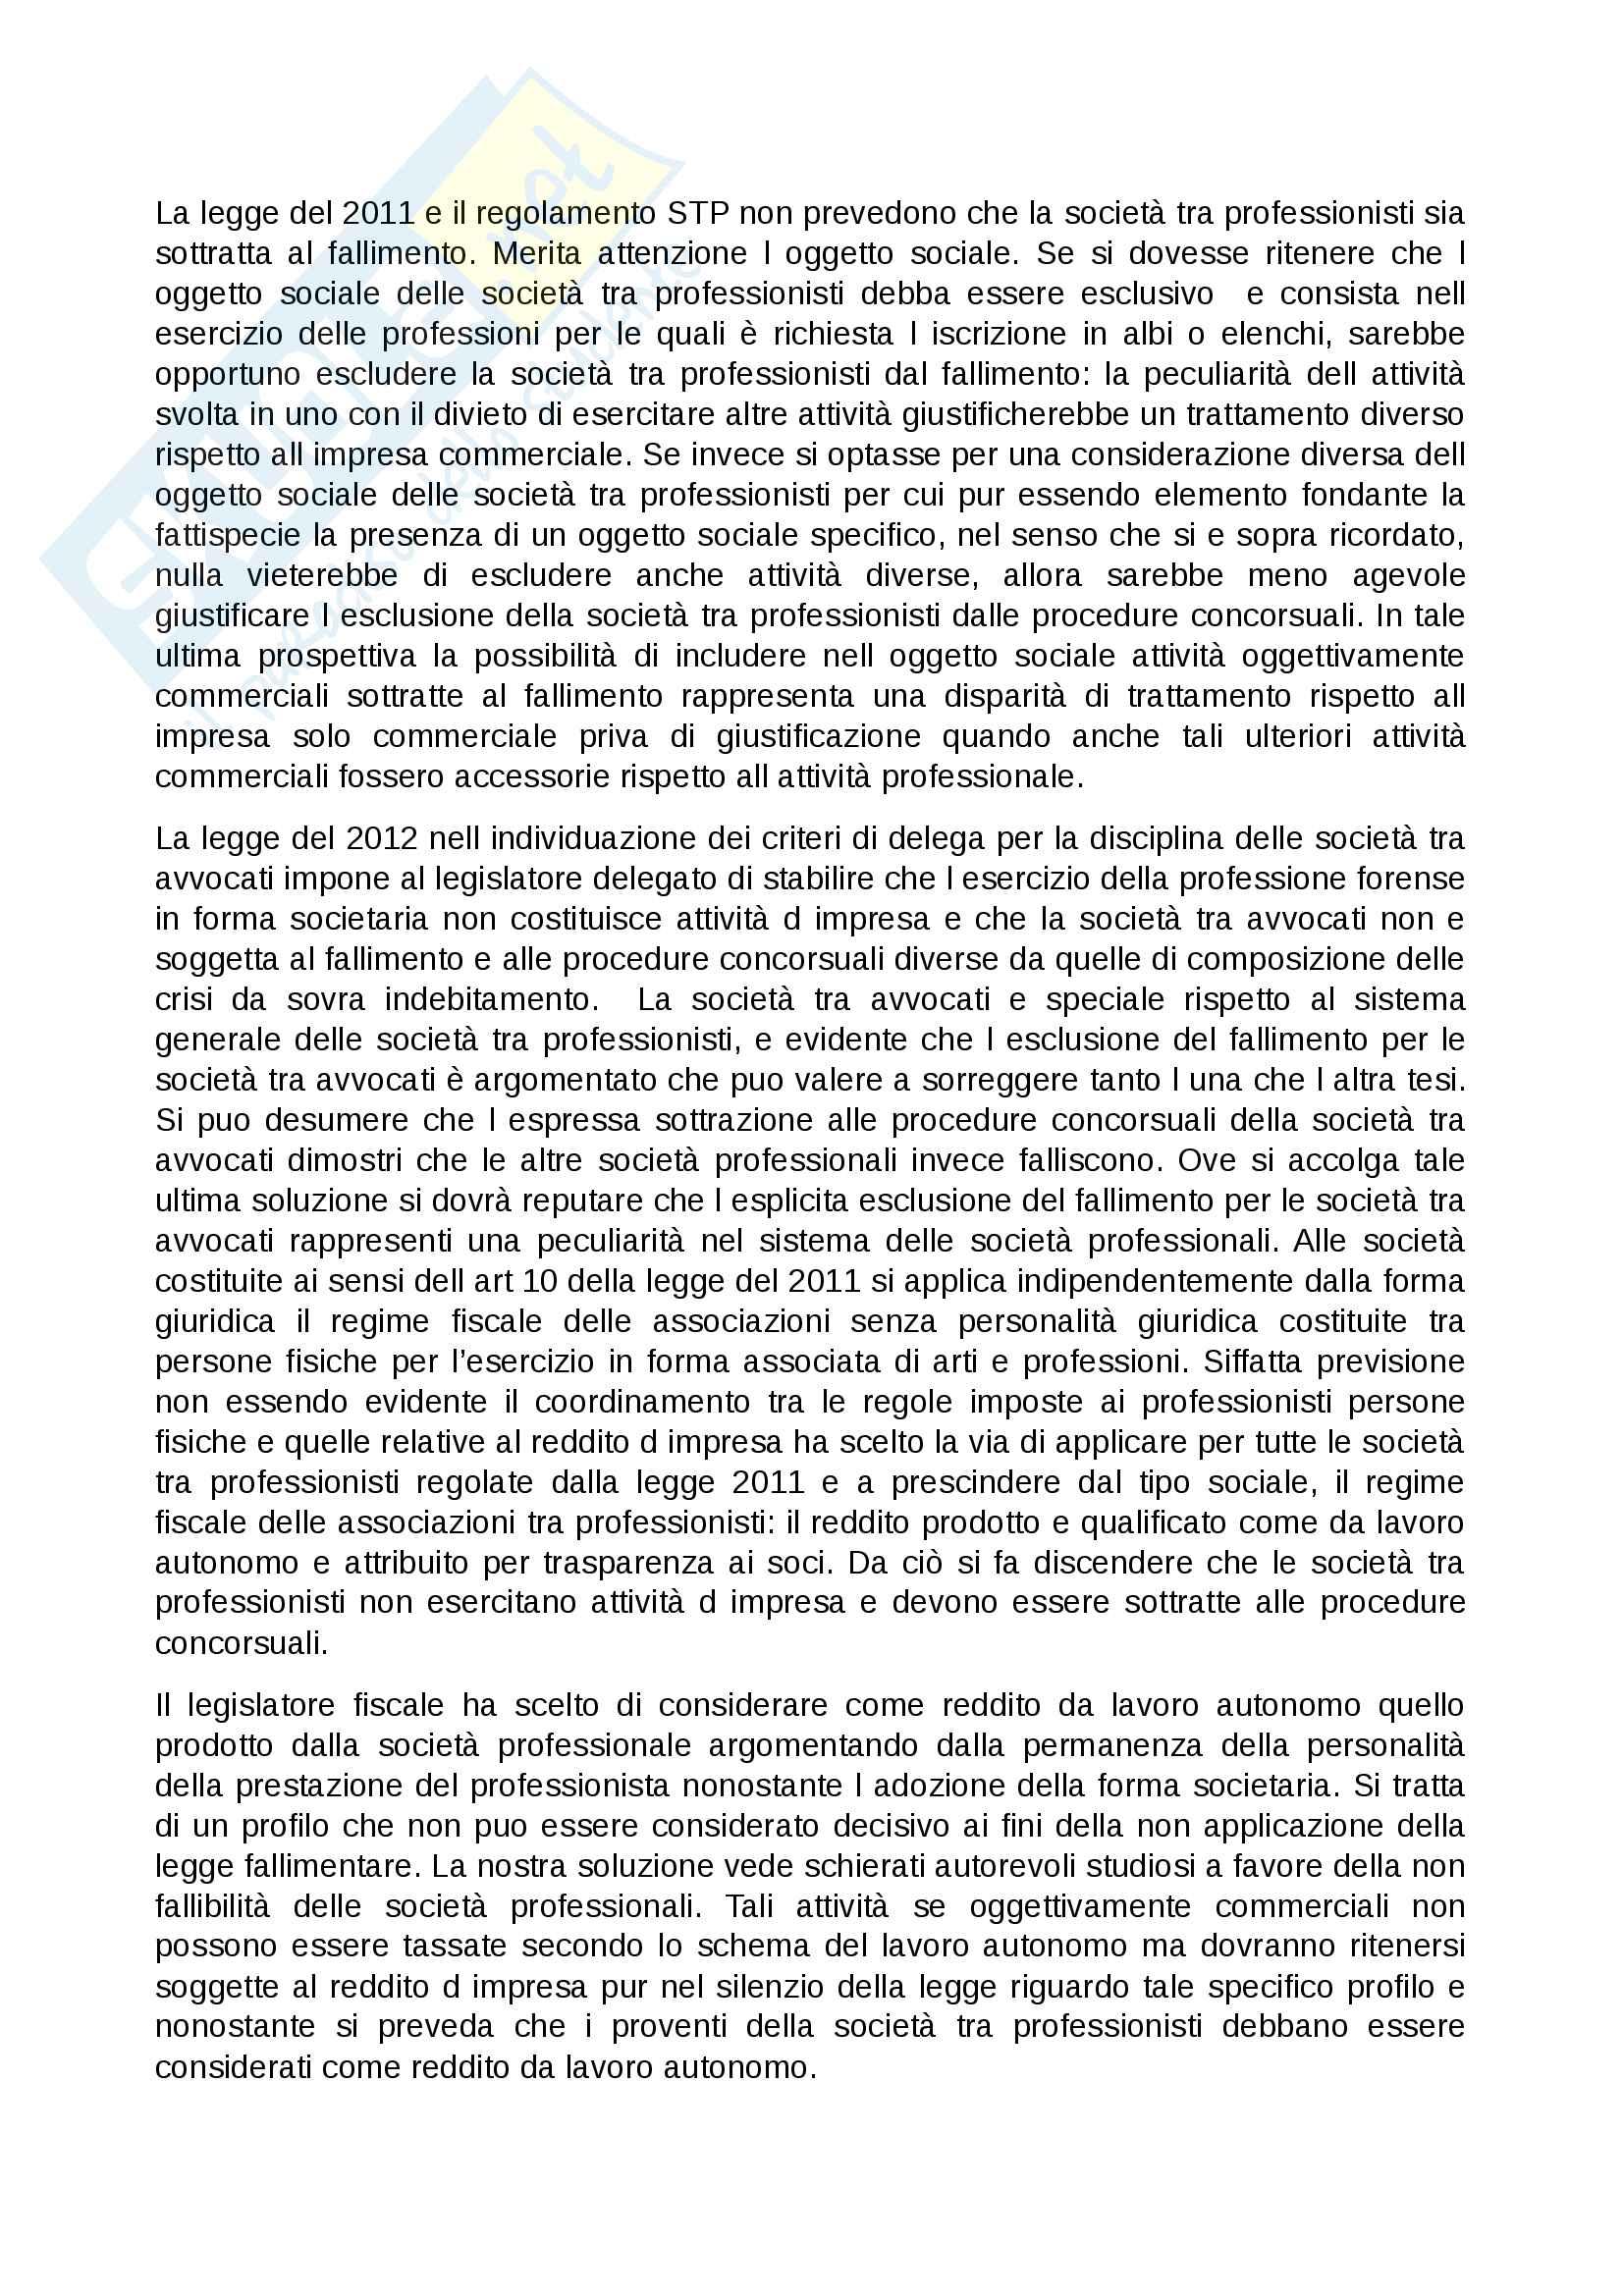 Riassunto esame diritto commerciale, Professore Bertolotti, Libro consigliato Società tra professionisti e società tra avvocati Pag. 11